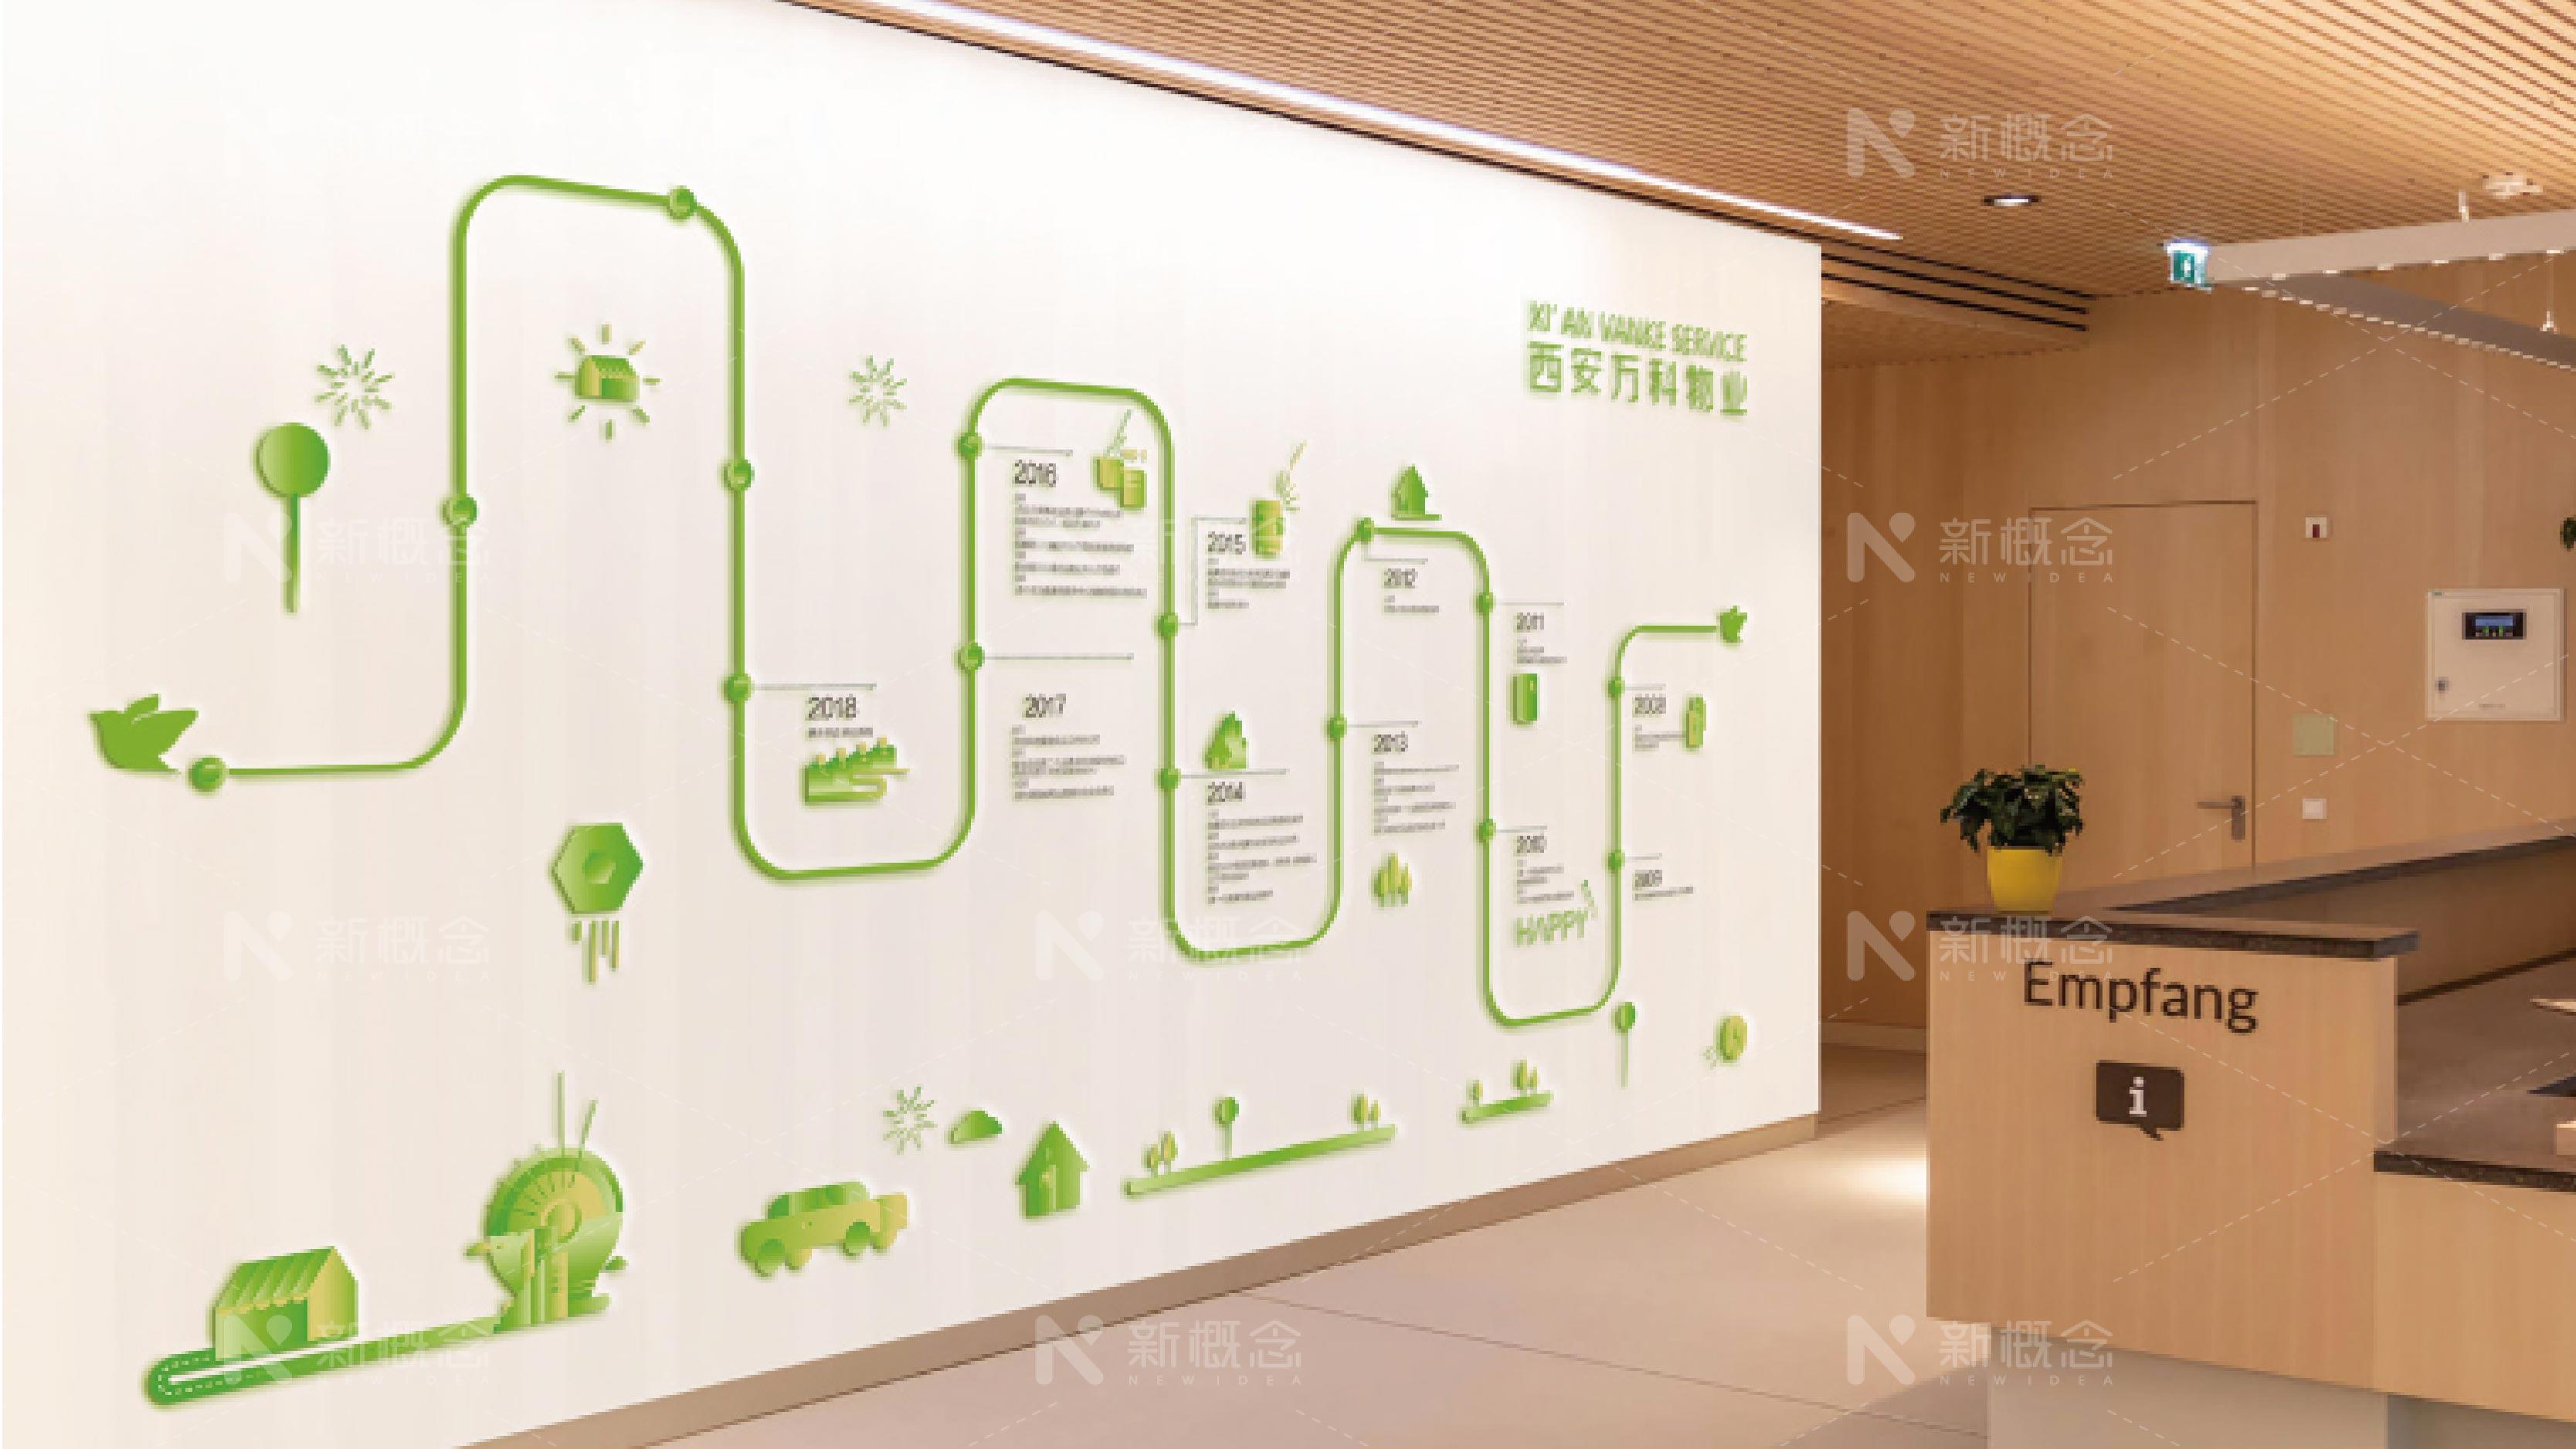 西安万科物业文化墙设计制作